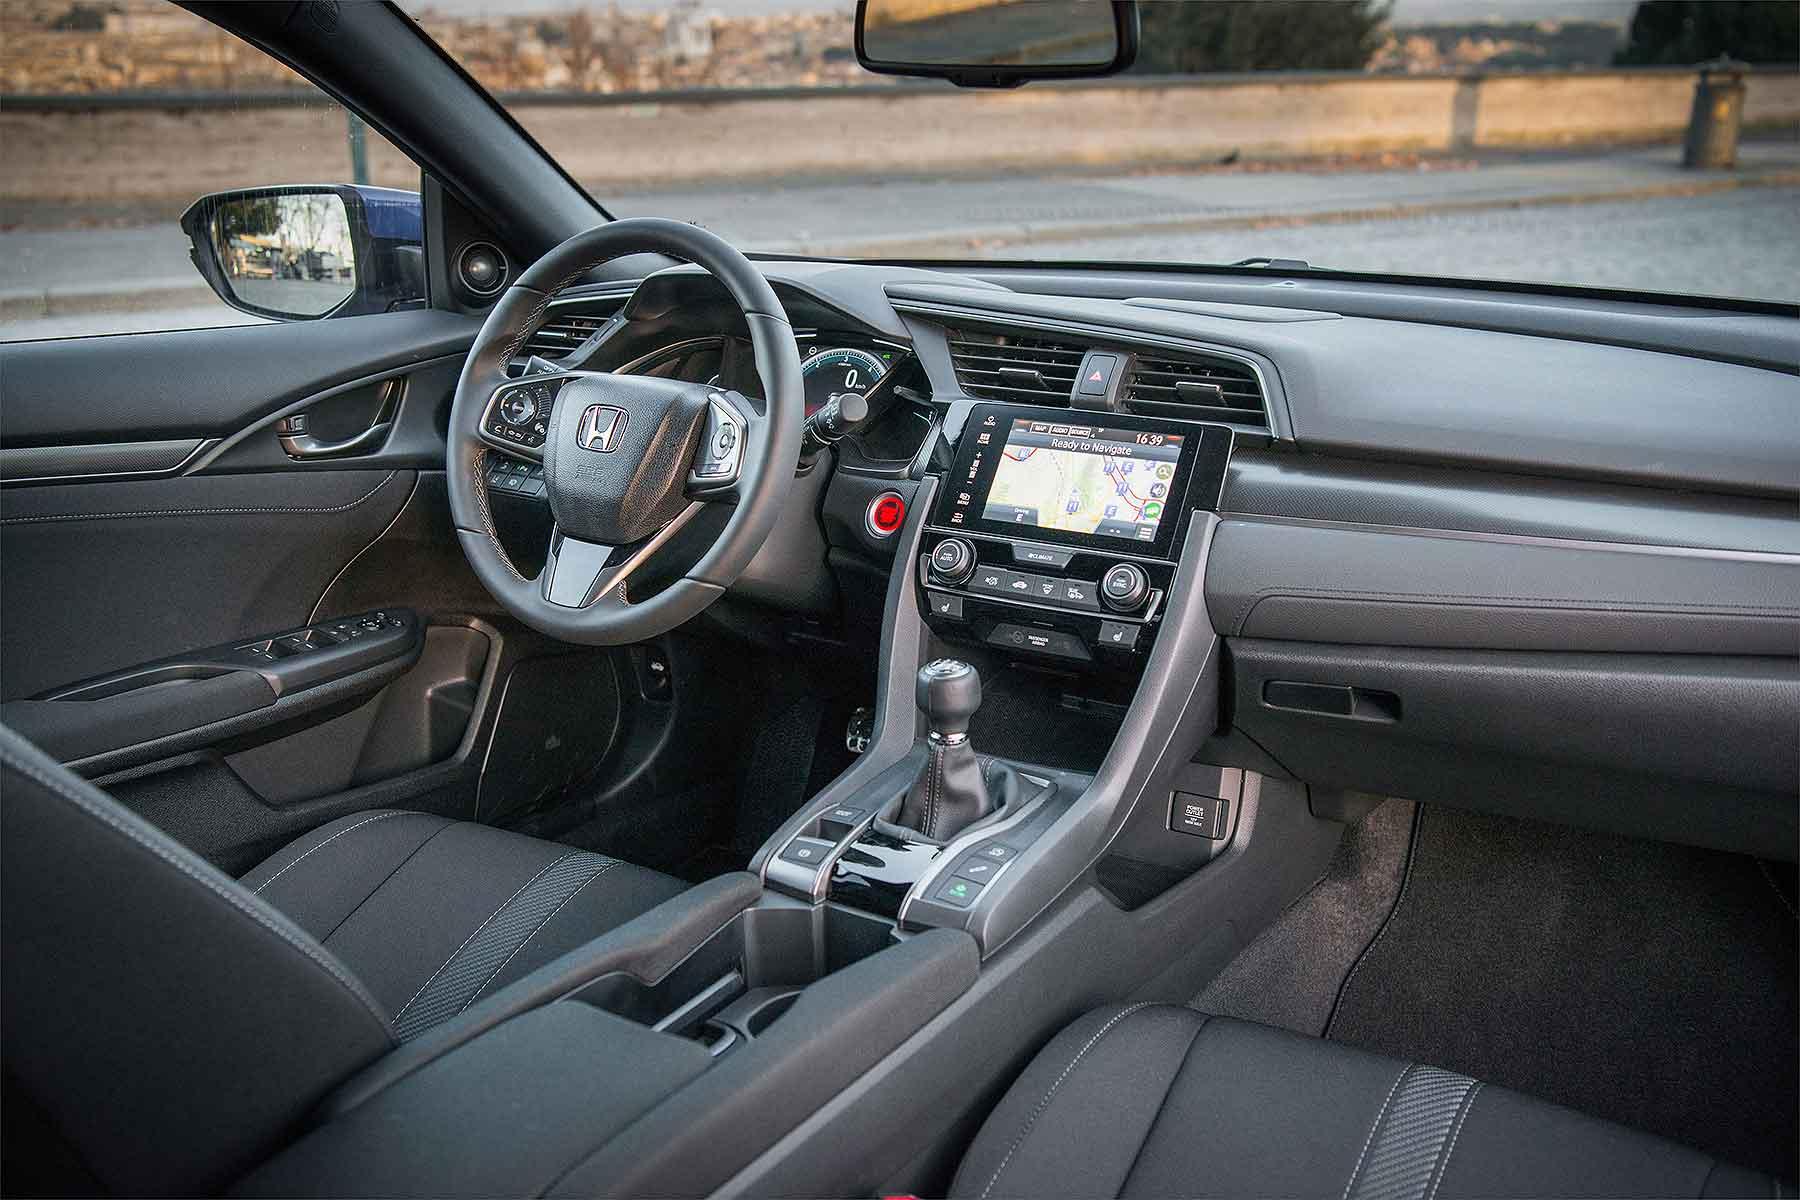 2018 Honda Civic i-DTEC diesel